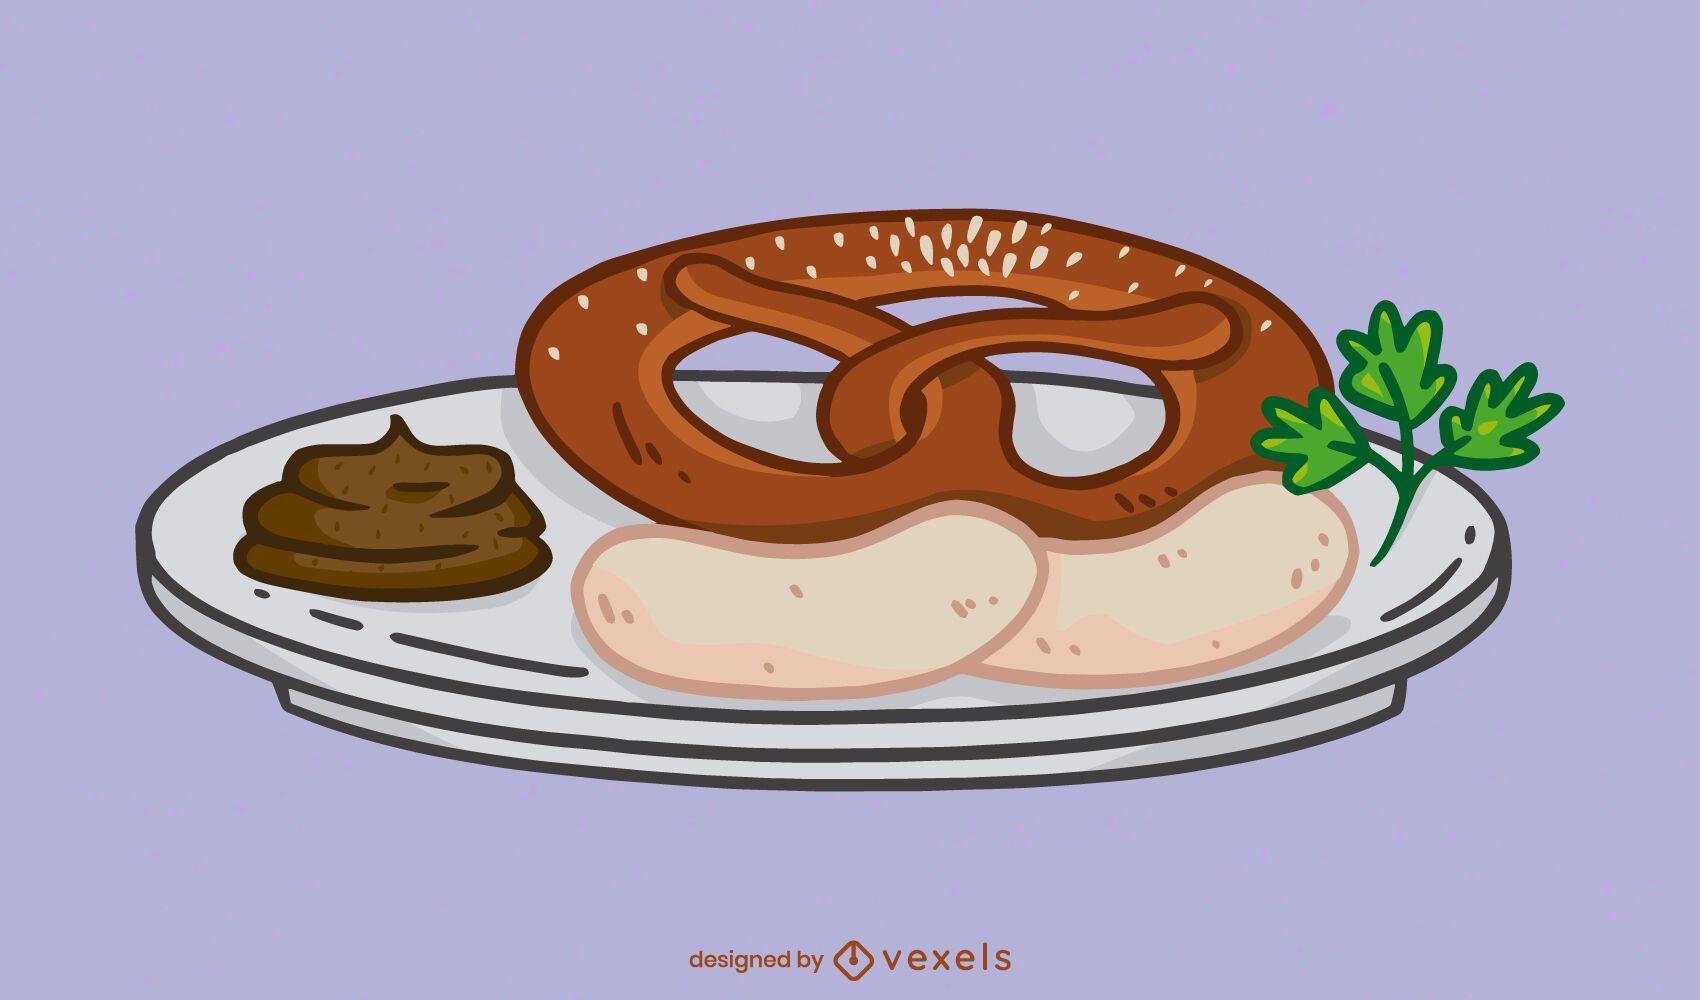 Bavarian meal with pretzel illustration